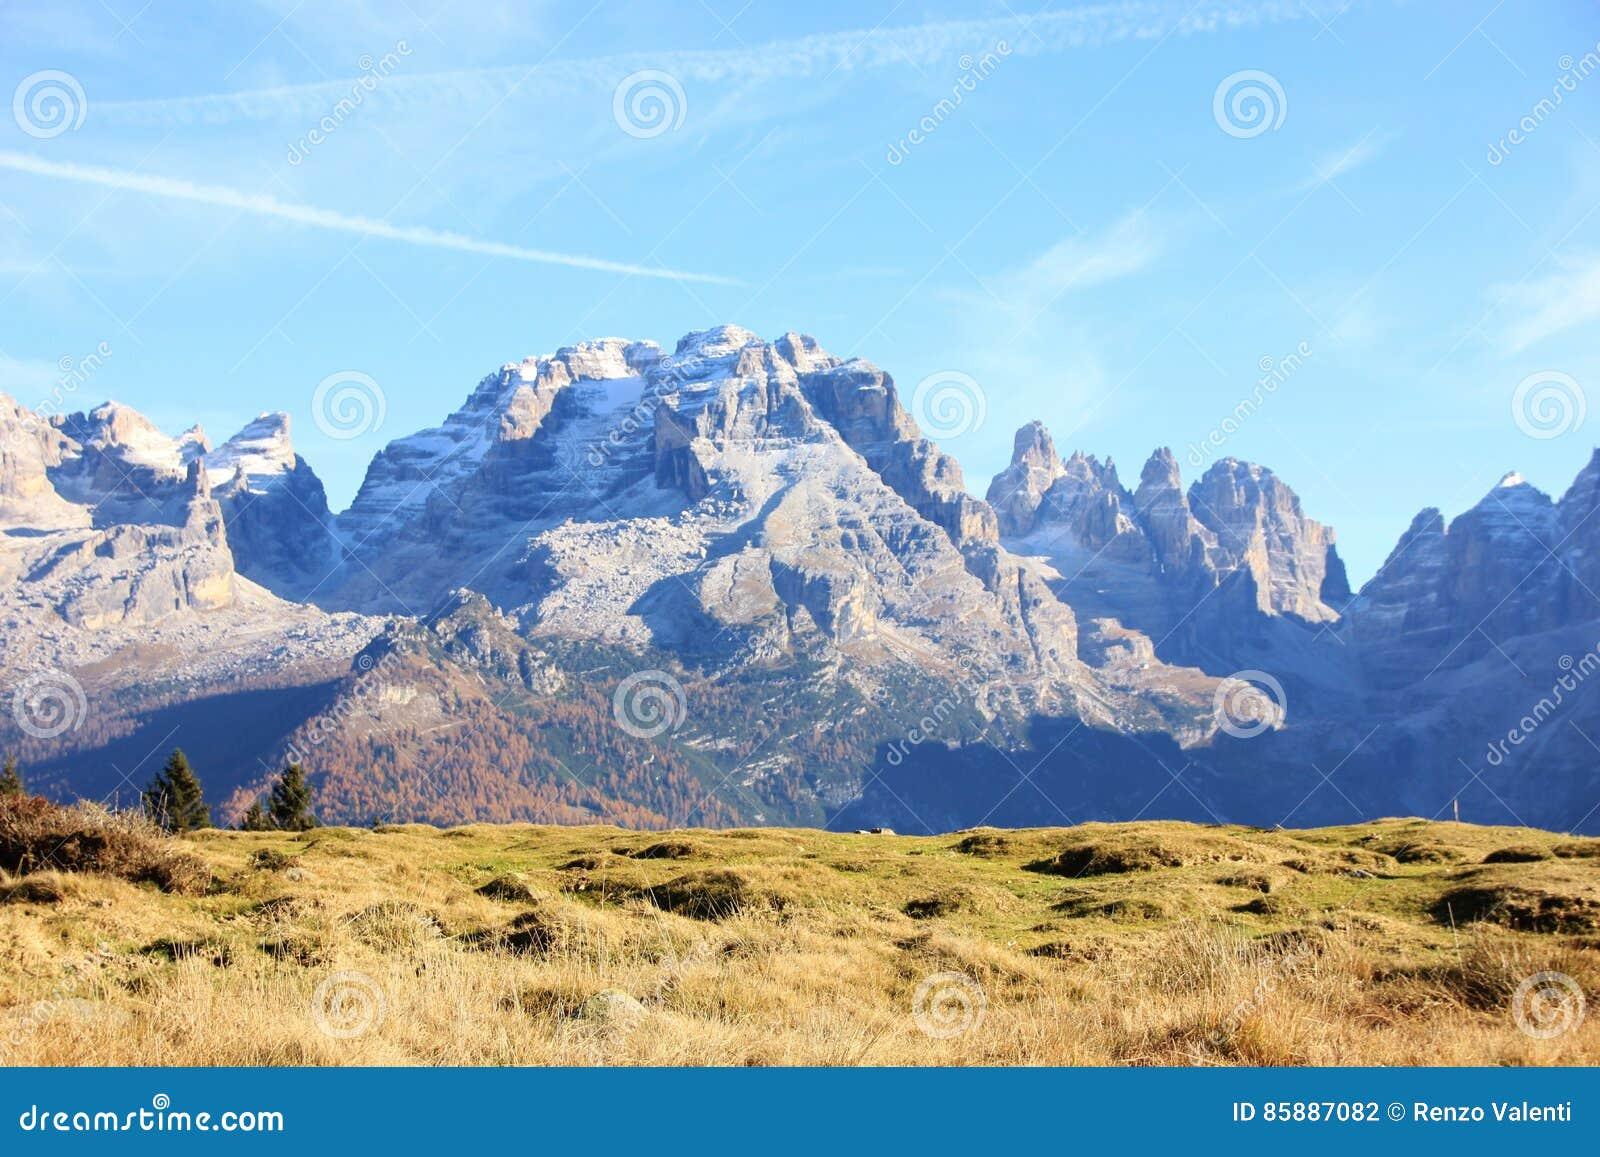 Italian Dolomites near Madonna di Campiglio